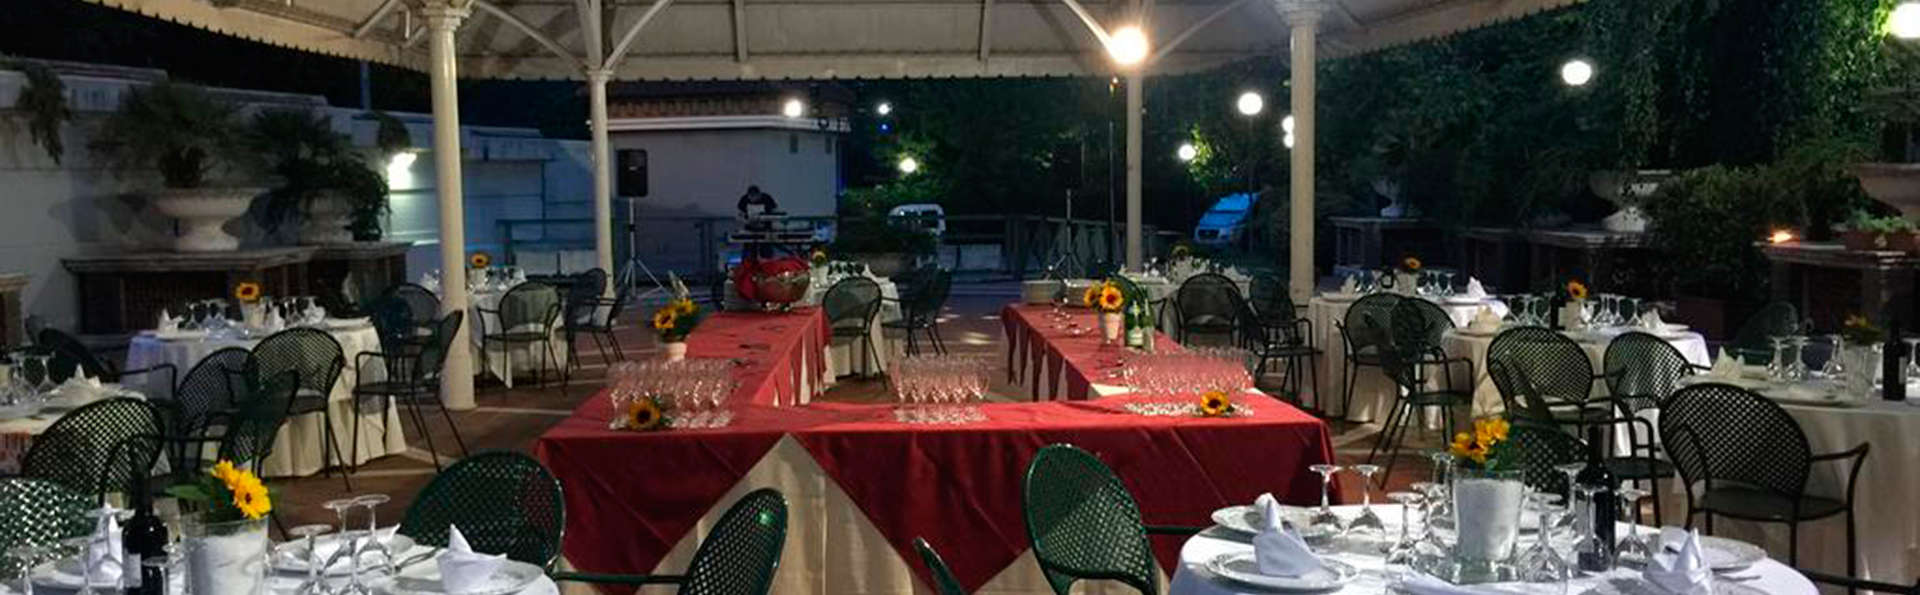 Cena gastronómica en Avellino